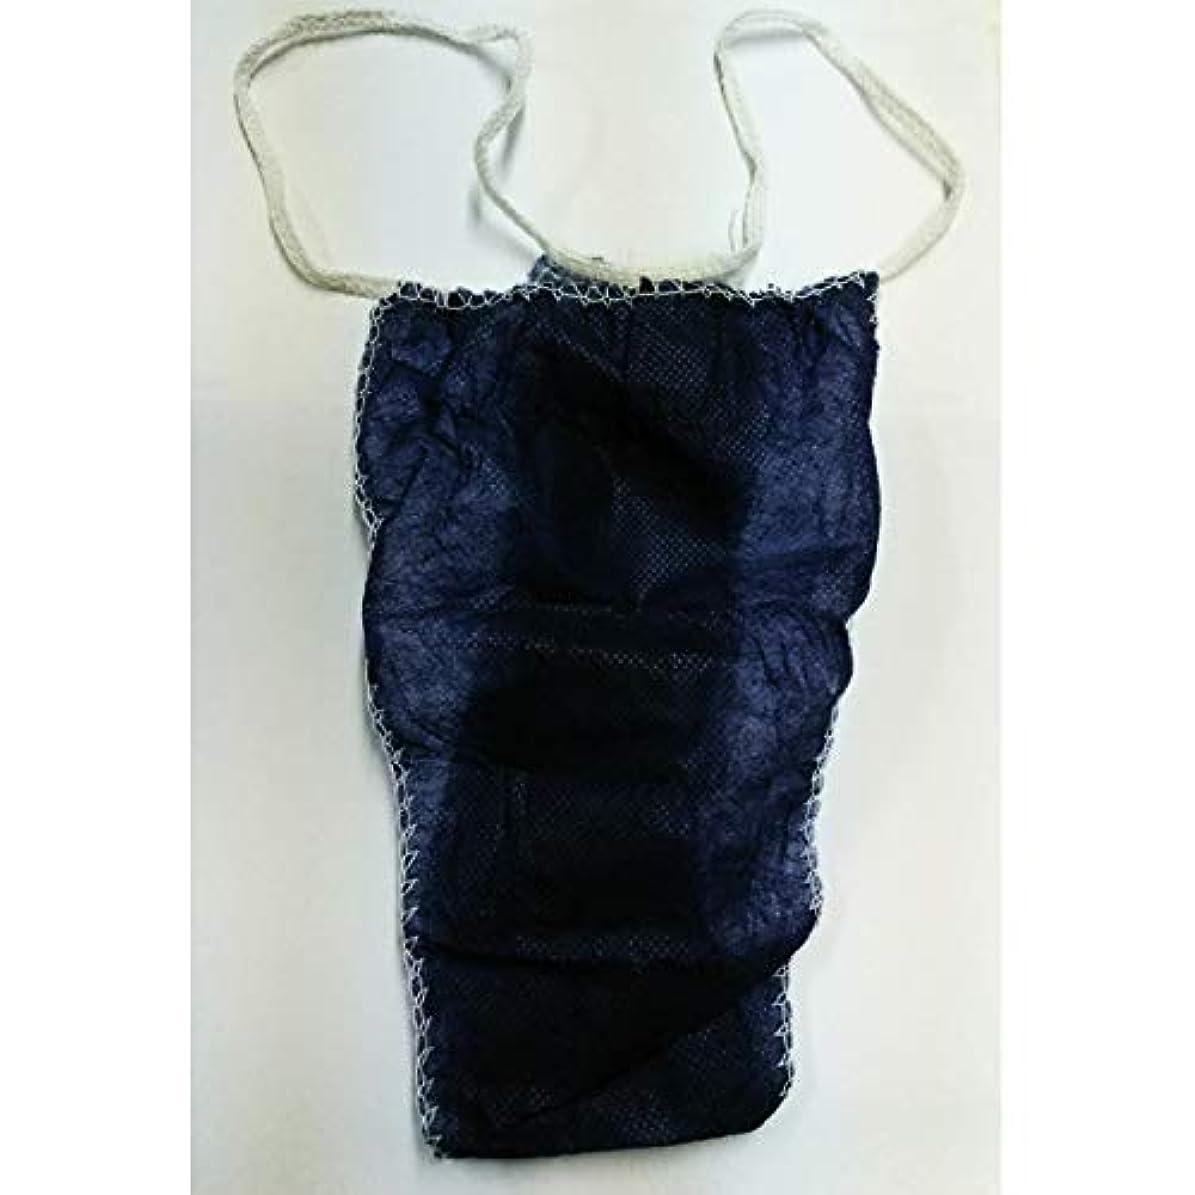 静かなスクランブル露出度の高いペーパーTバック 使い捨てショーツ ペーパーショーツ 業務用 オイルマッサージ 脱毛 サロン用品 (100)